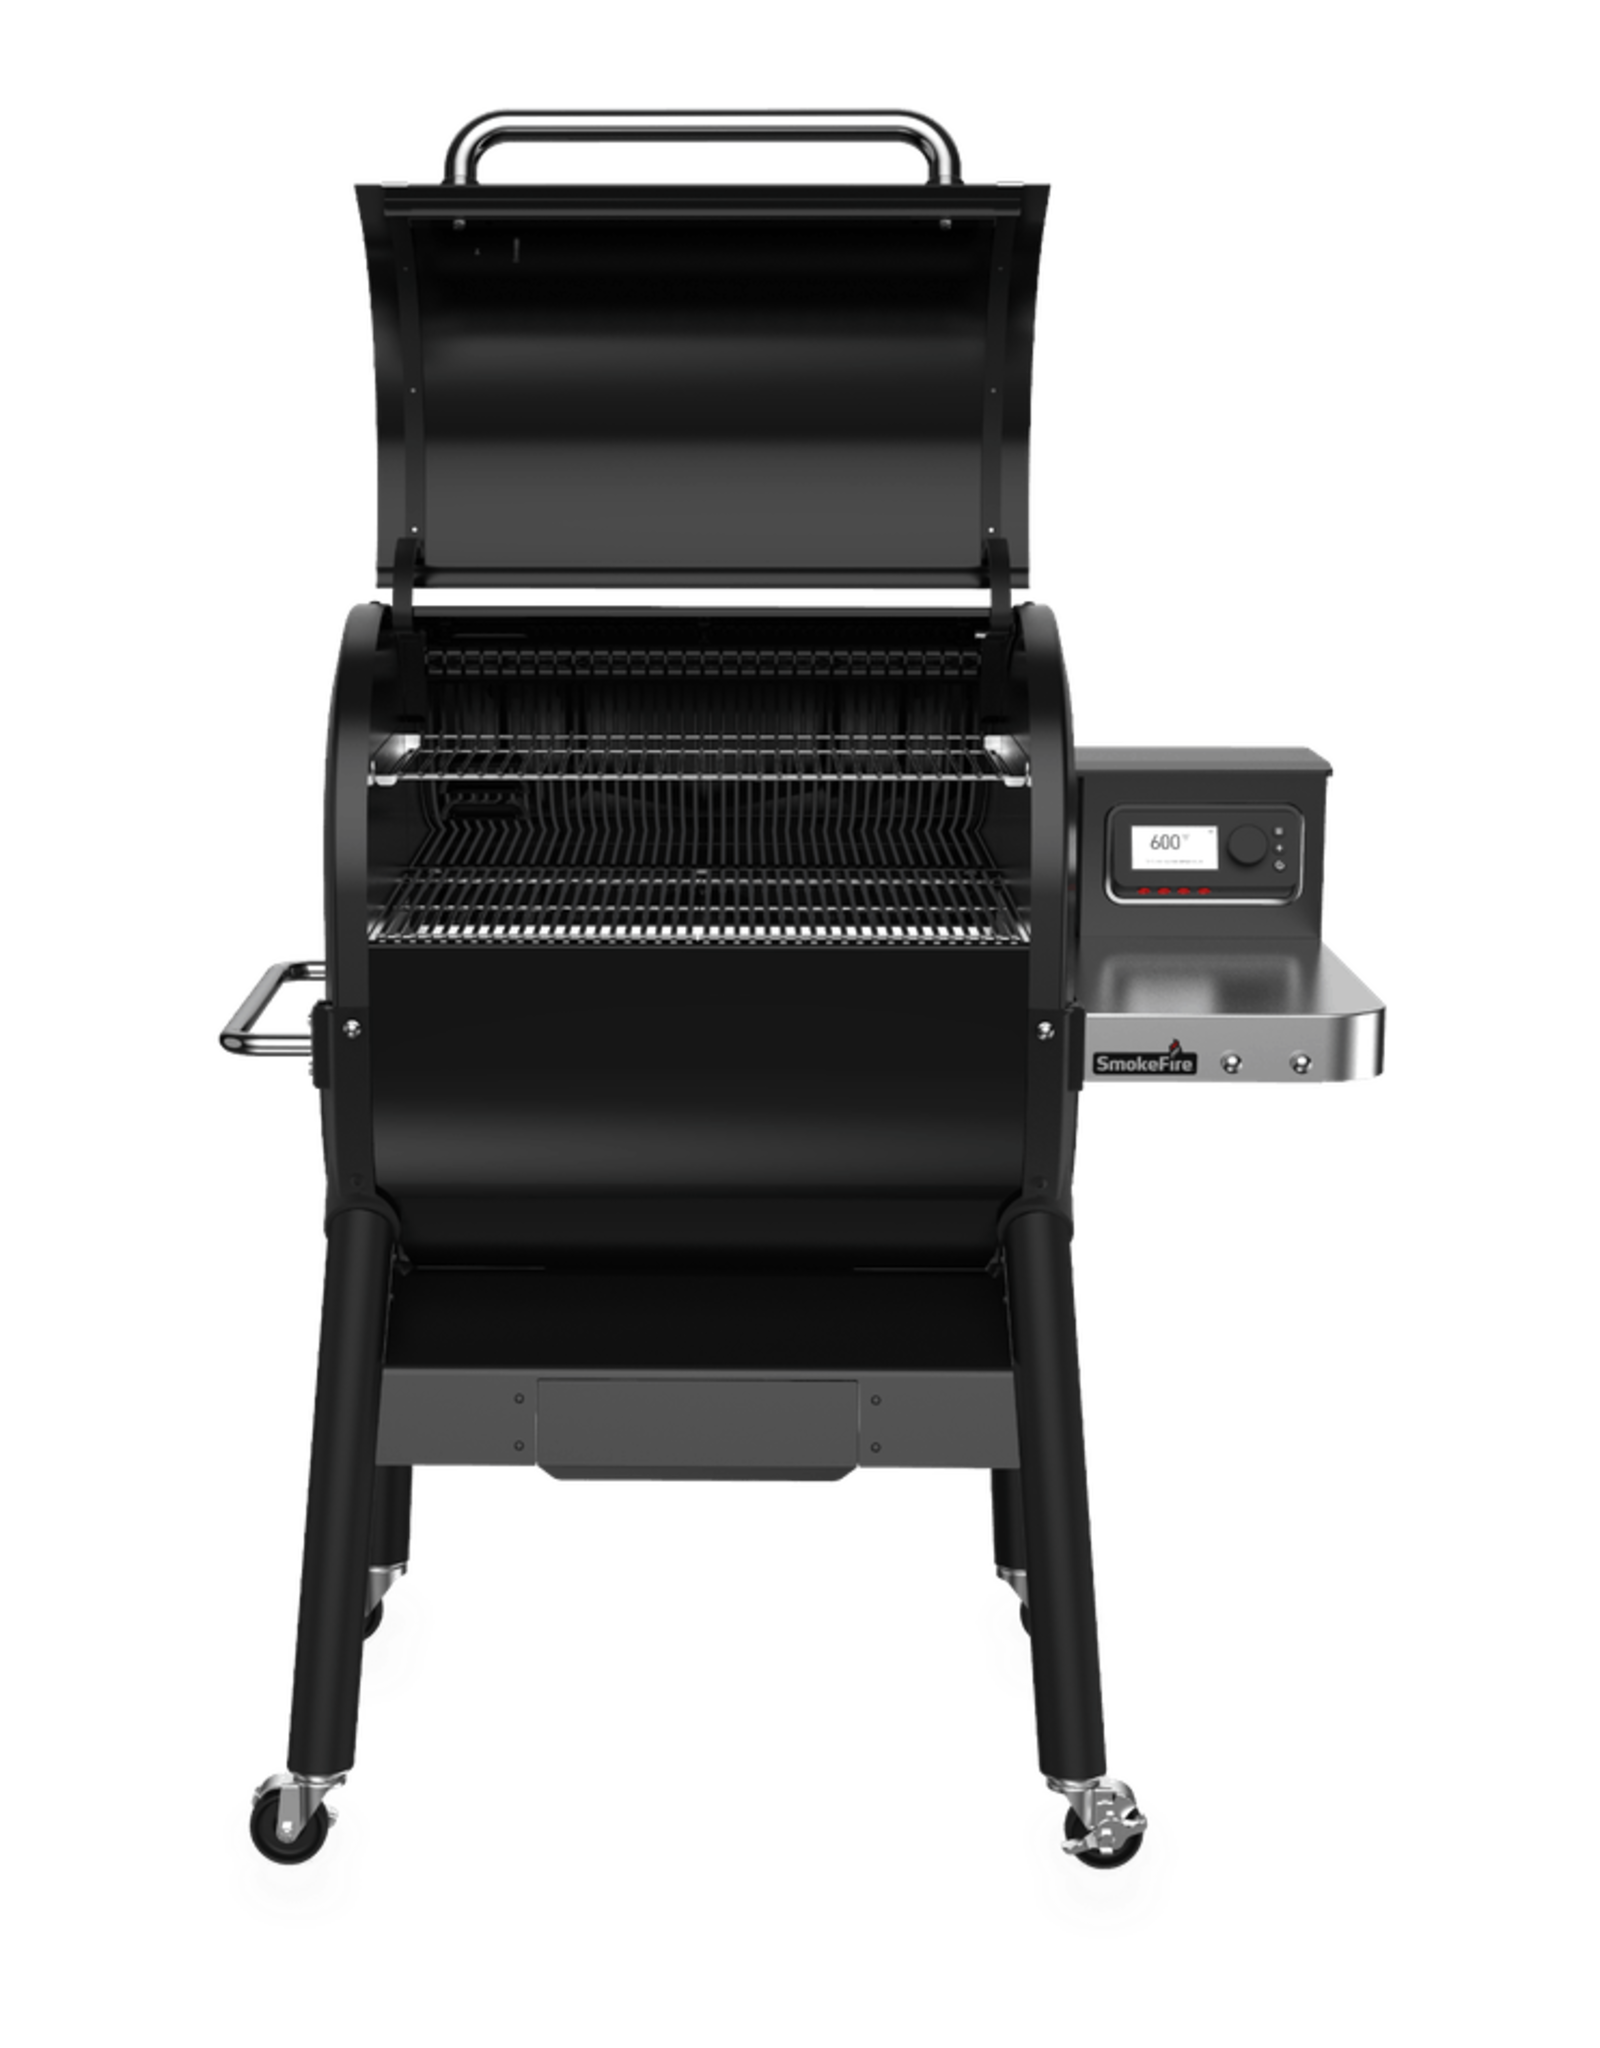 Weber Smokefire EX4 Pellet Grill  22510001